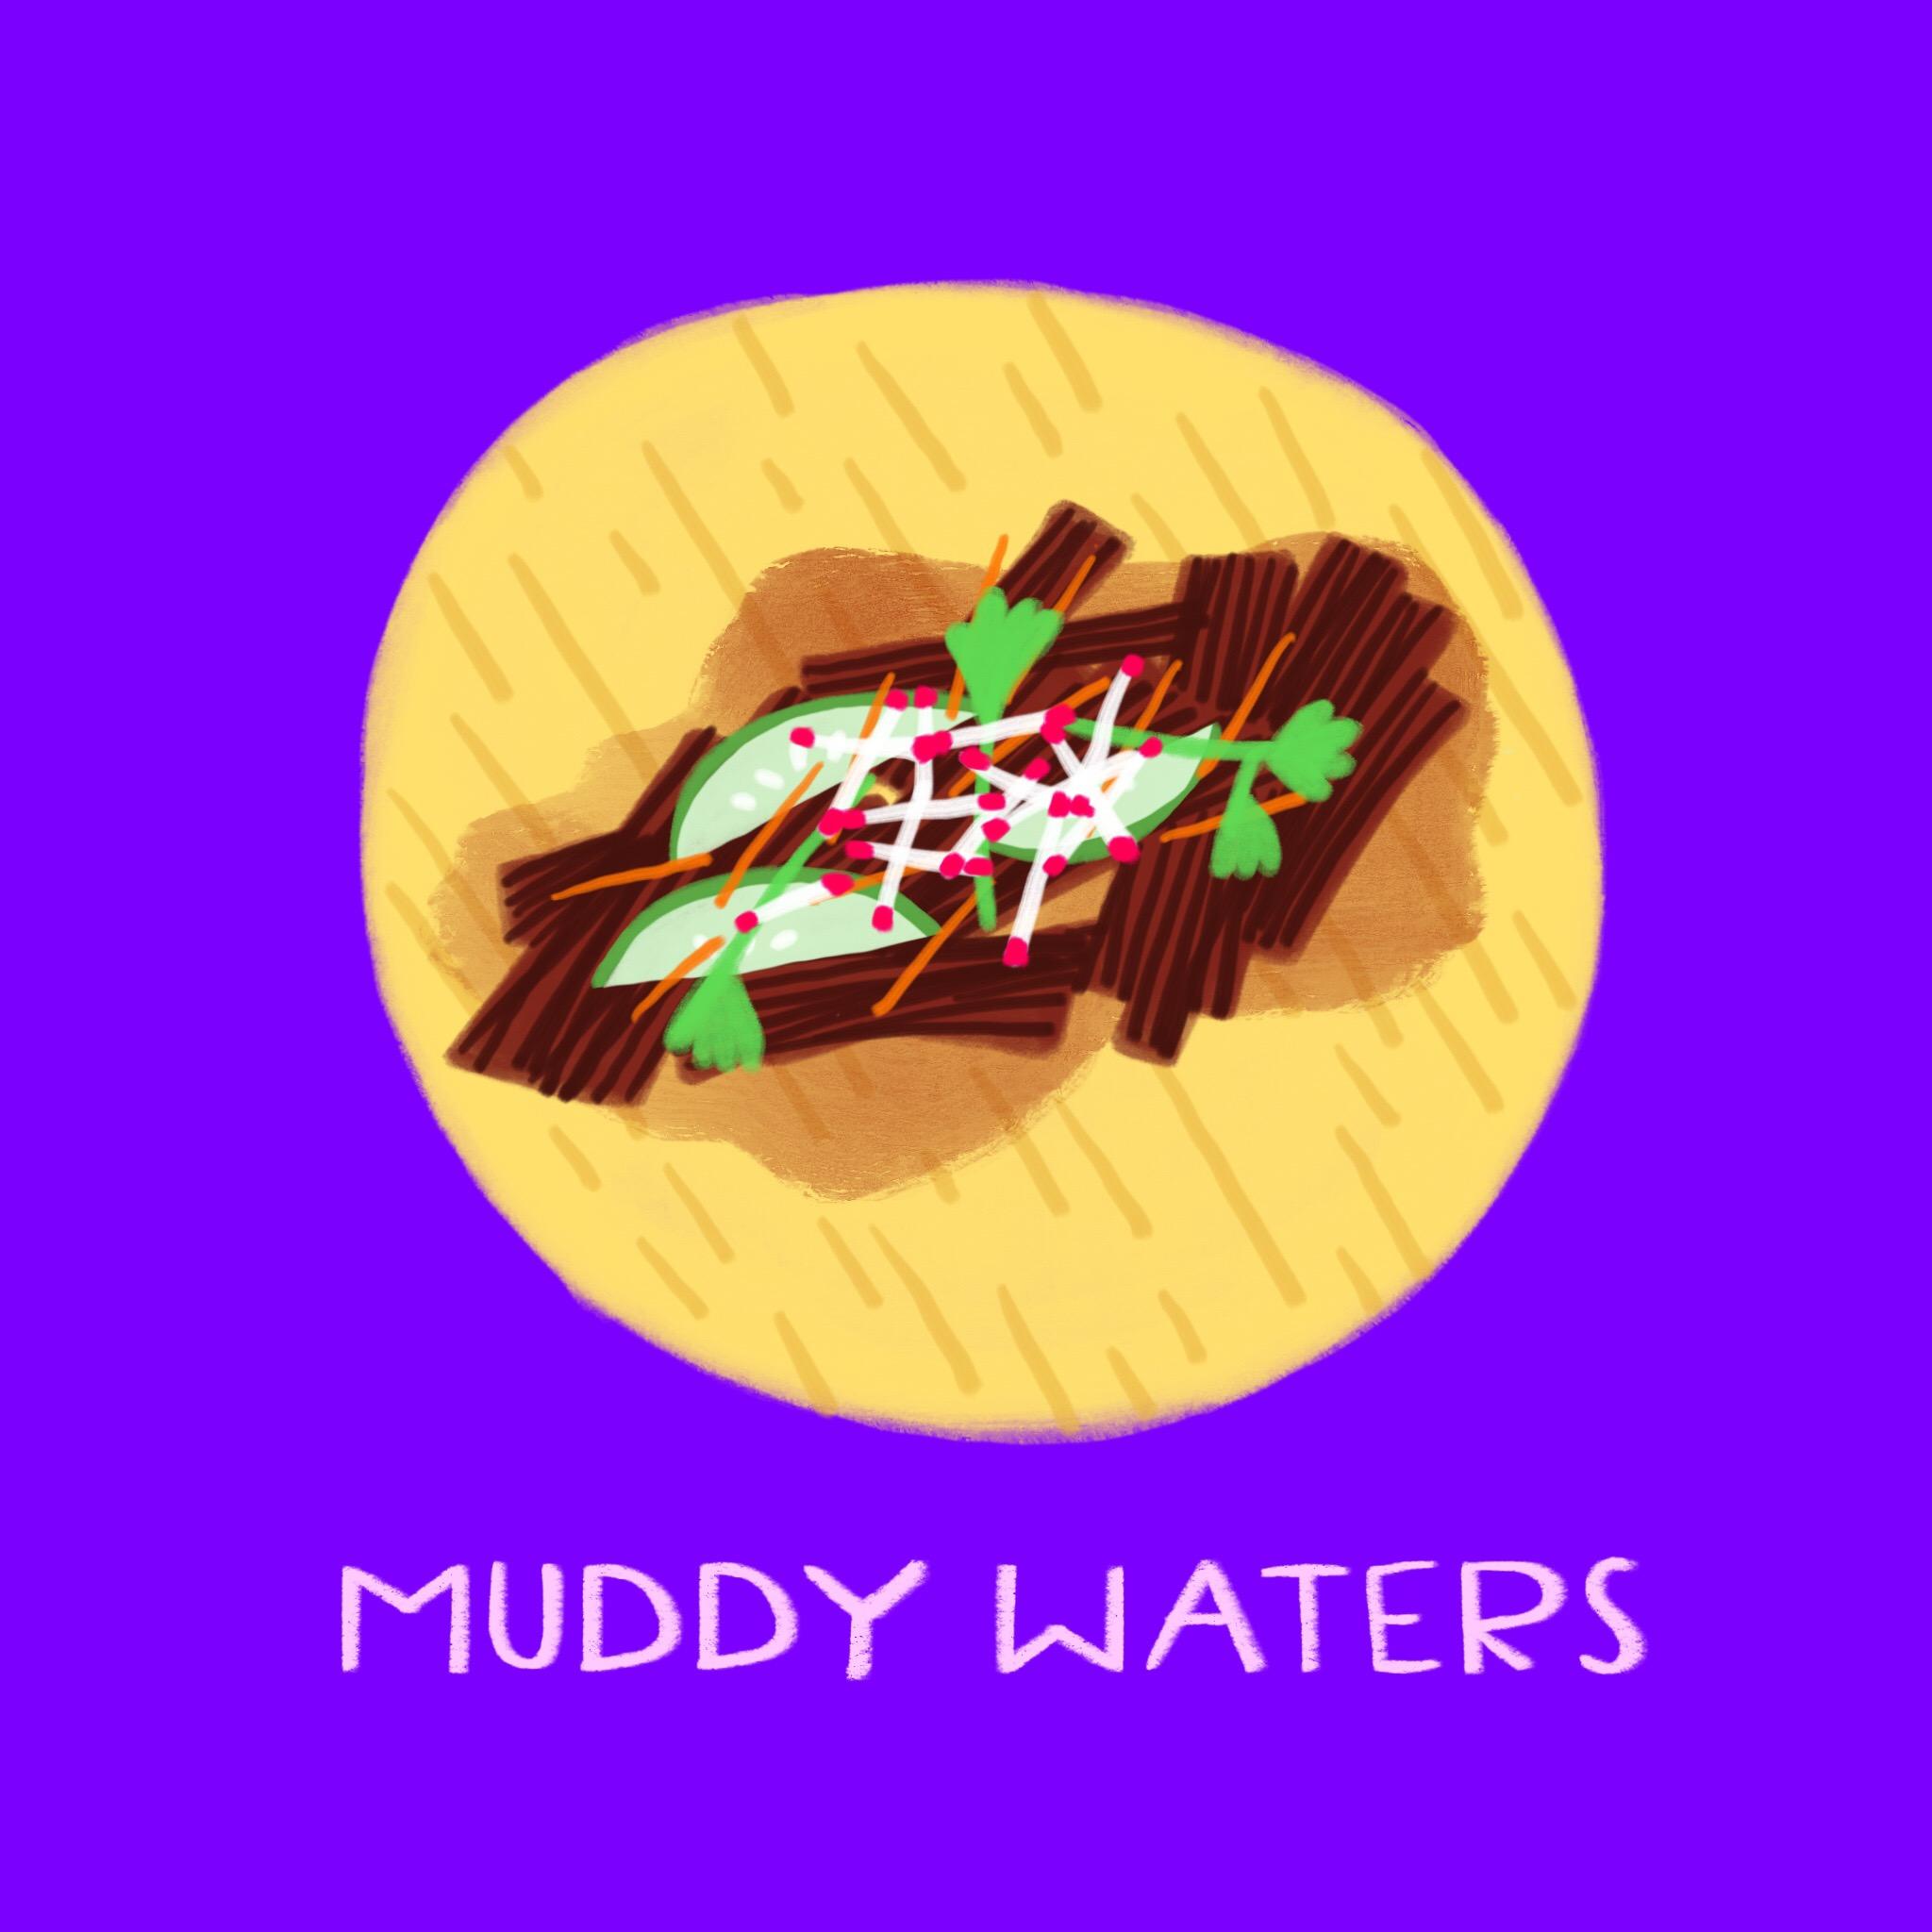 Muddy_Waters.jpg